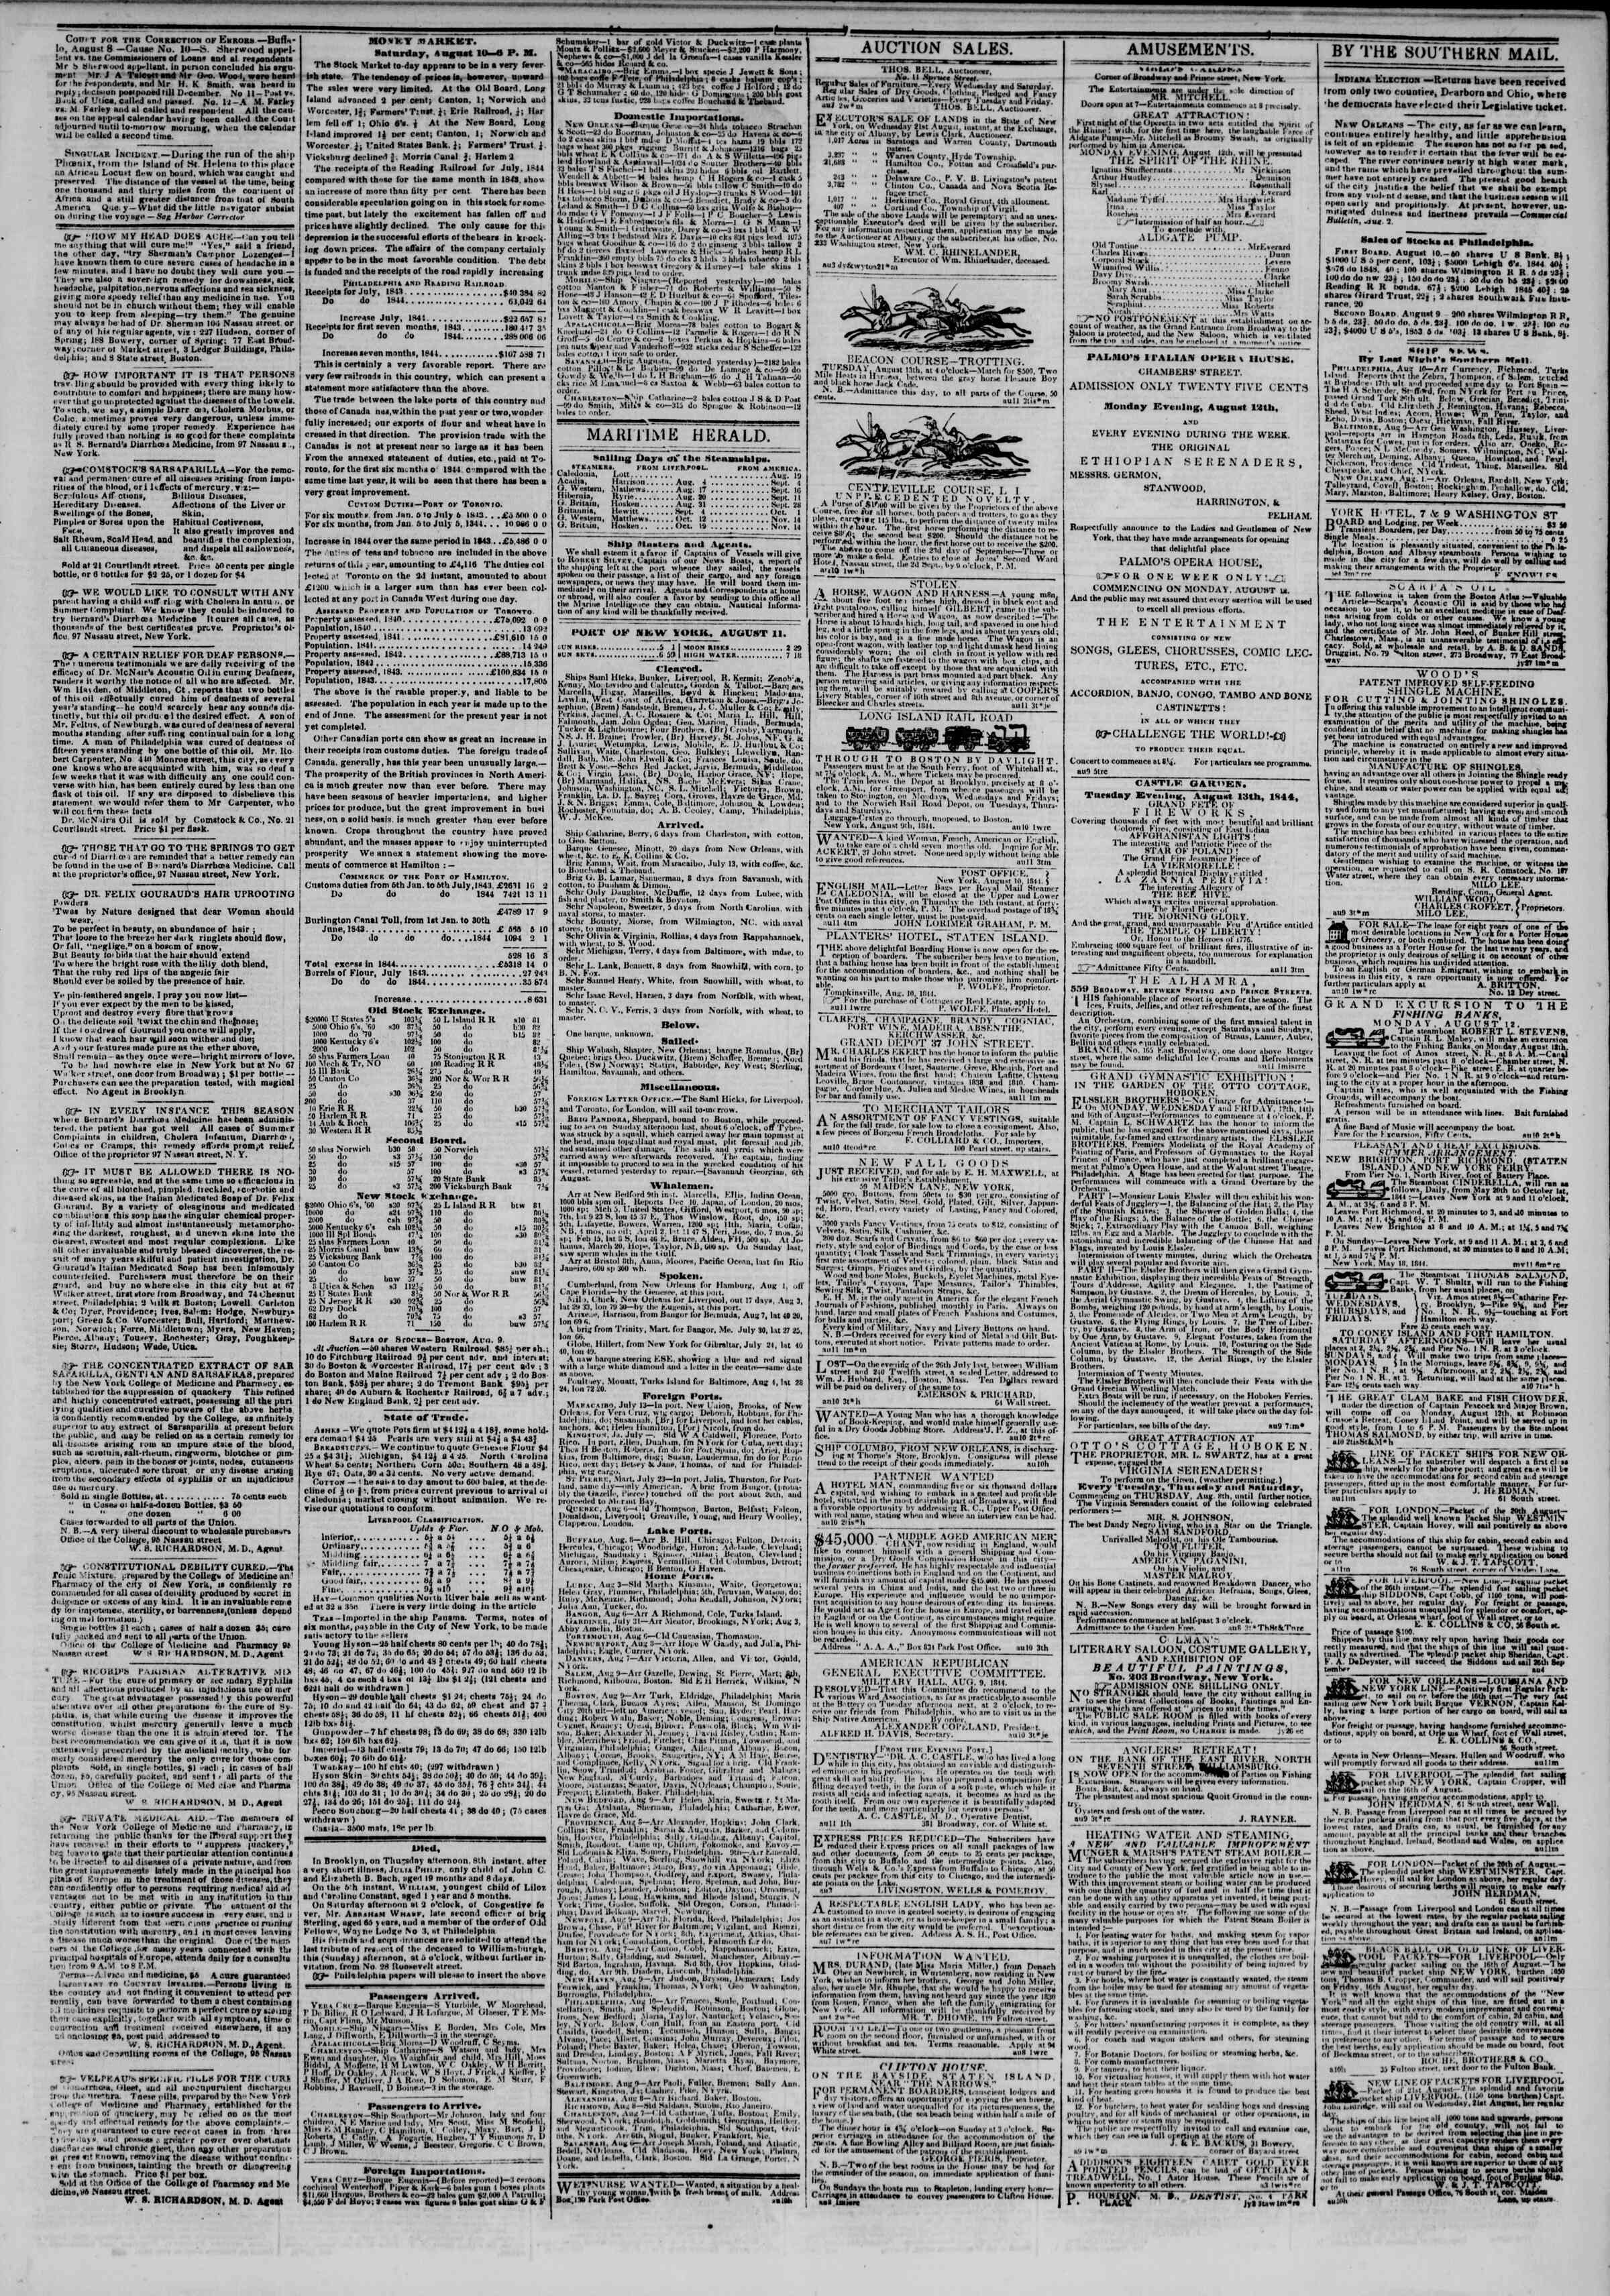 August 11, 1844 Tarihli The New York Herald Gazetesi Sayfa 3